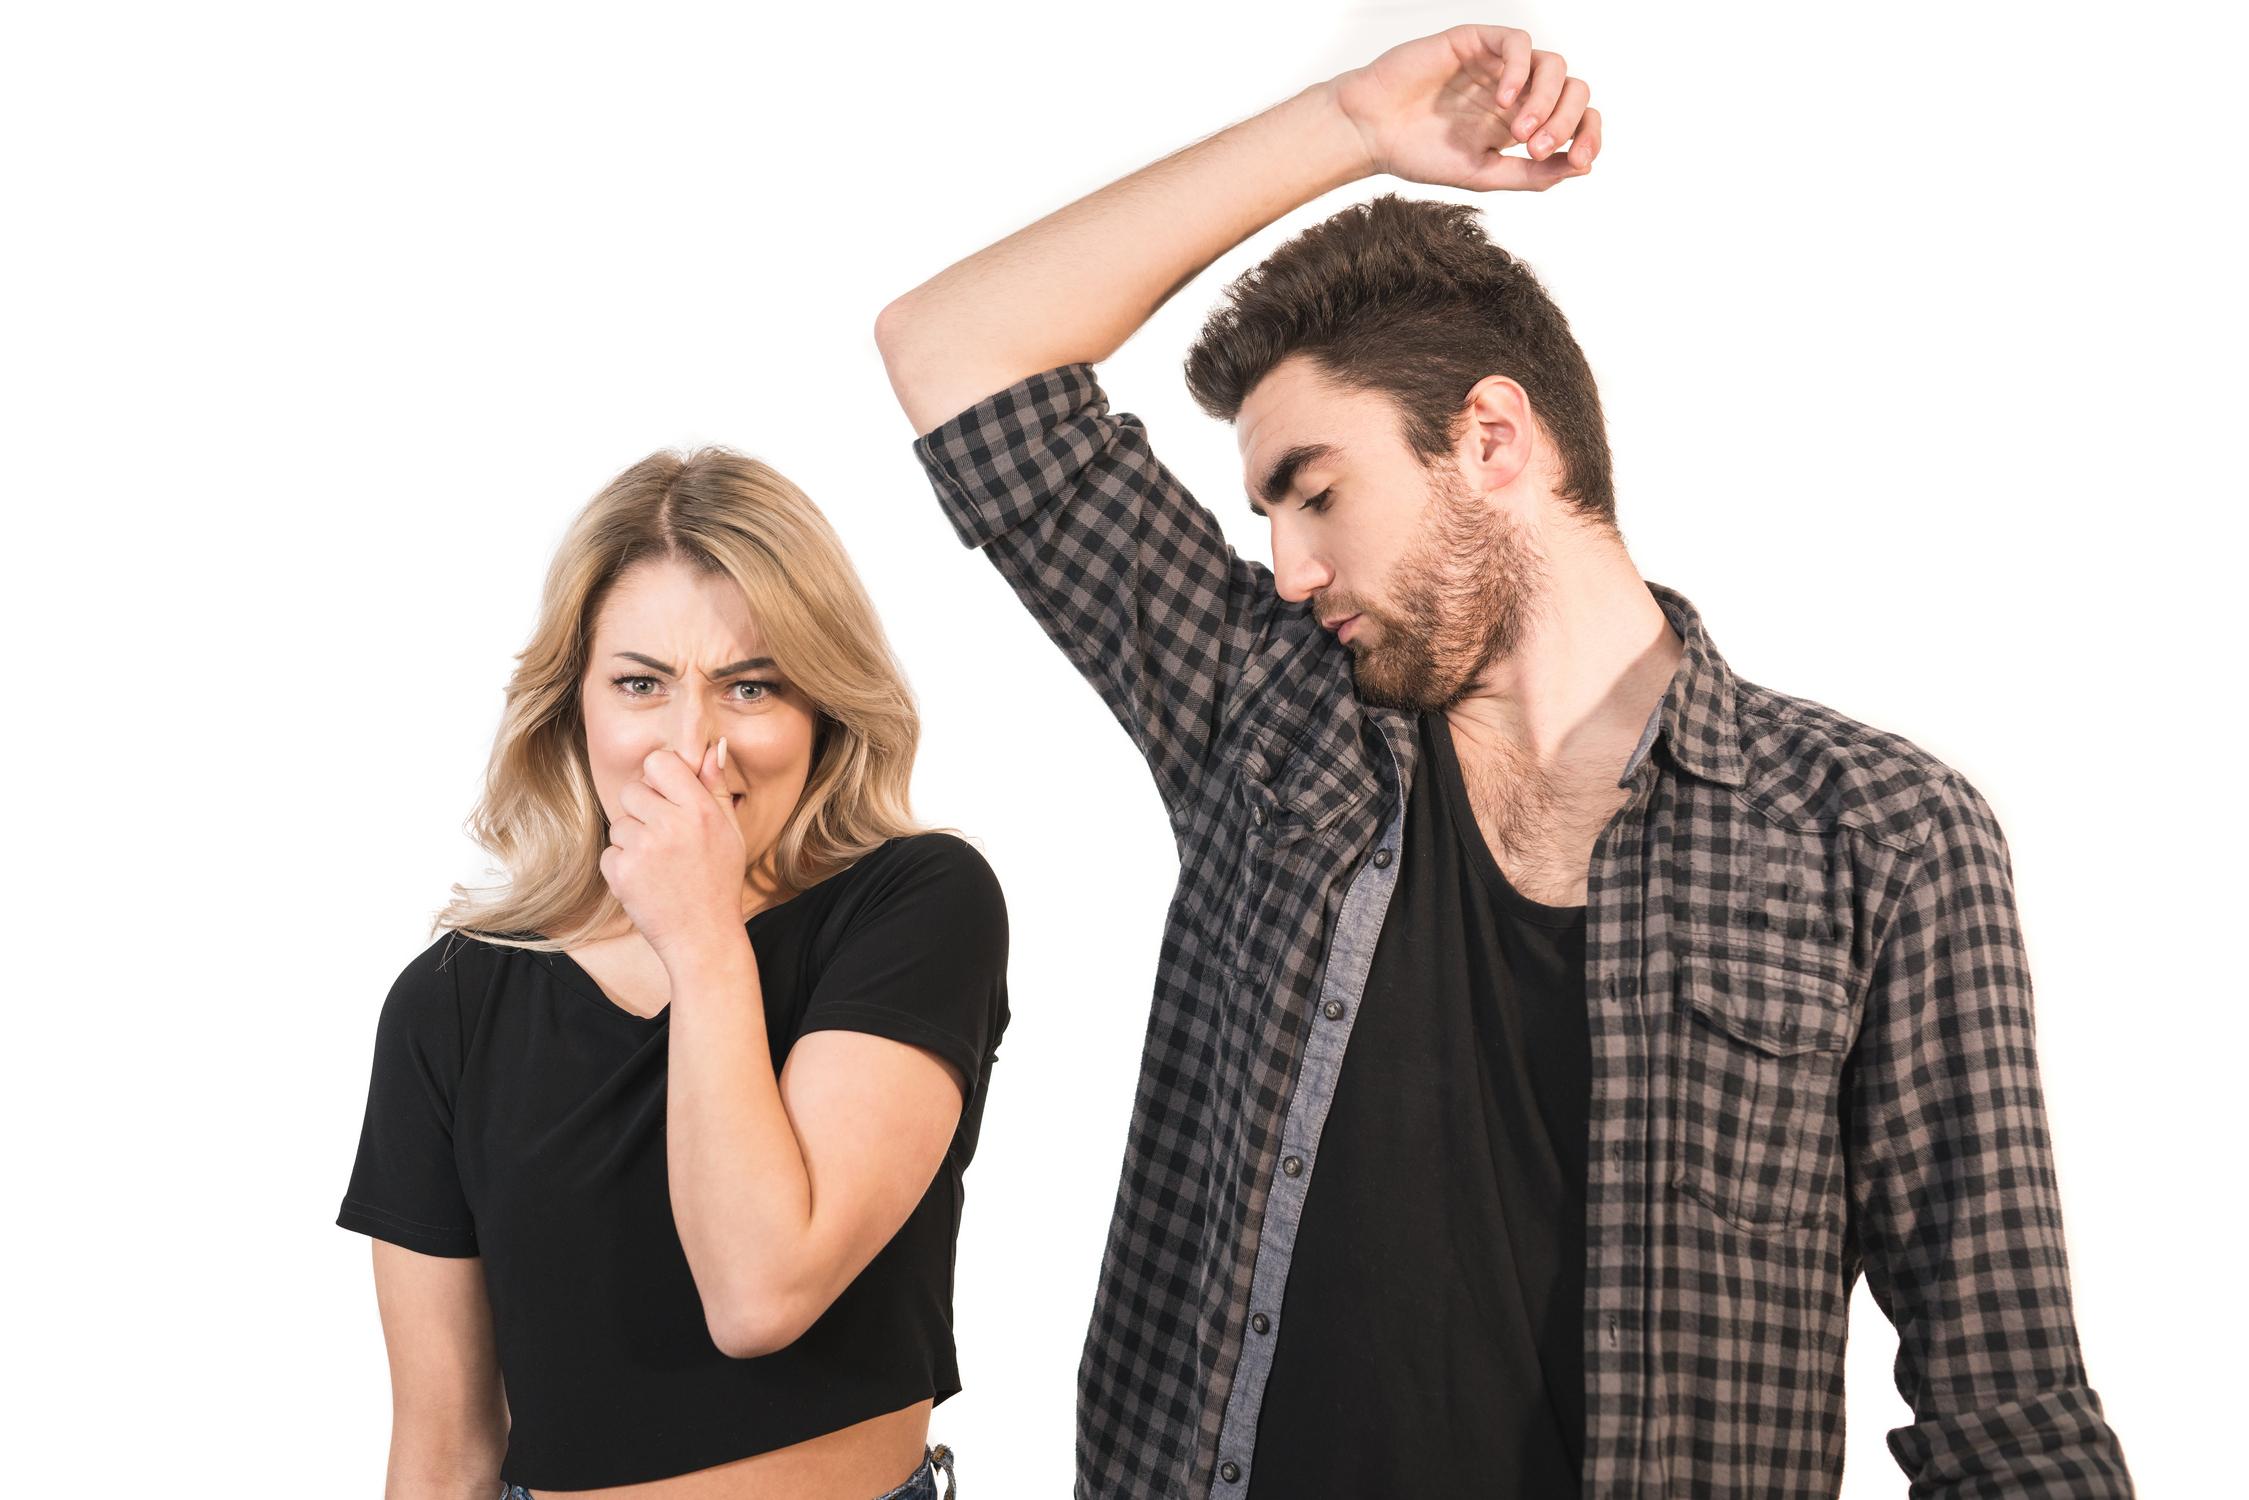 Dezodorant czy antyperspirant: jaka jest różnica i który z nich wybrać? - MrGentleman.pl